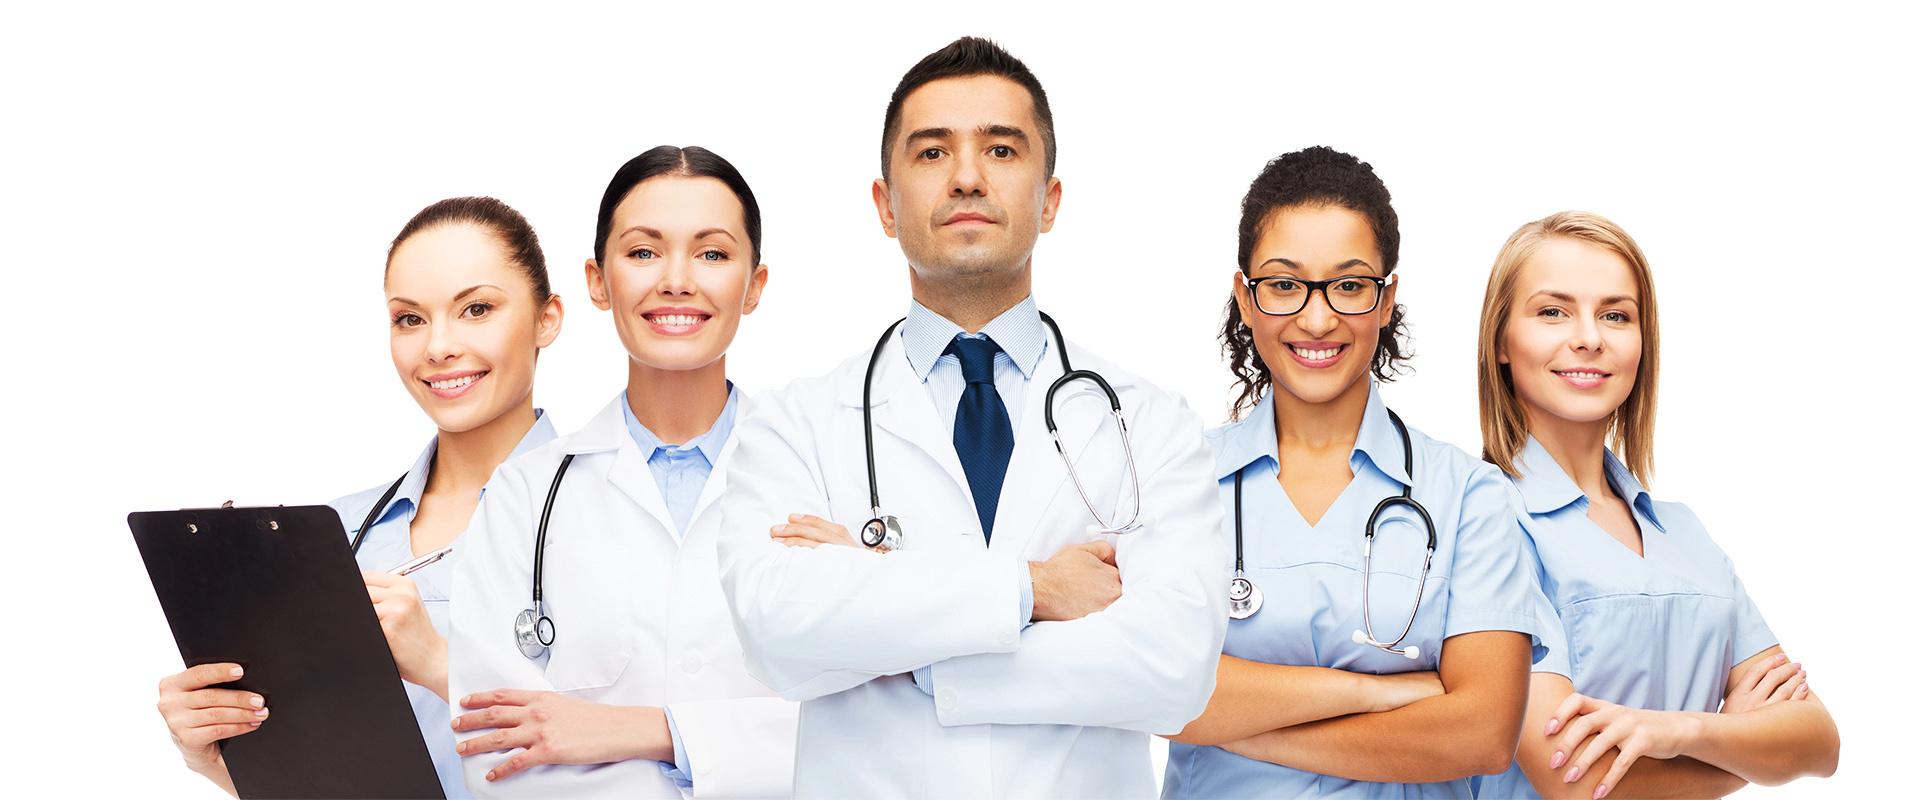 Equipa | CMIL - Clínica Médica Internacional de Lisboa